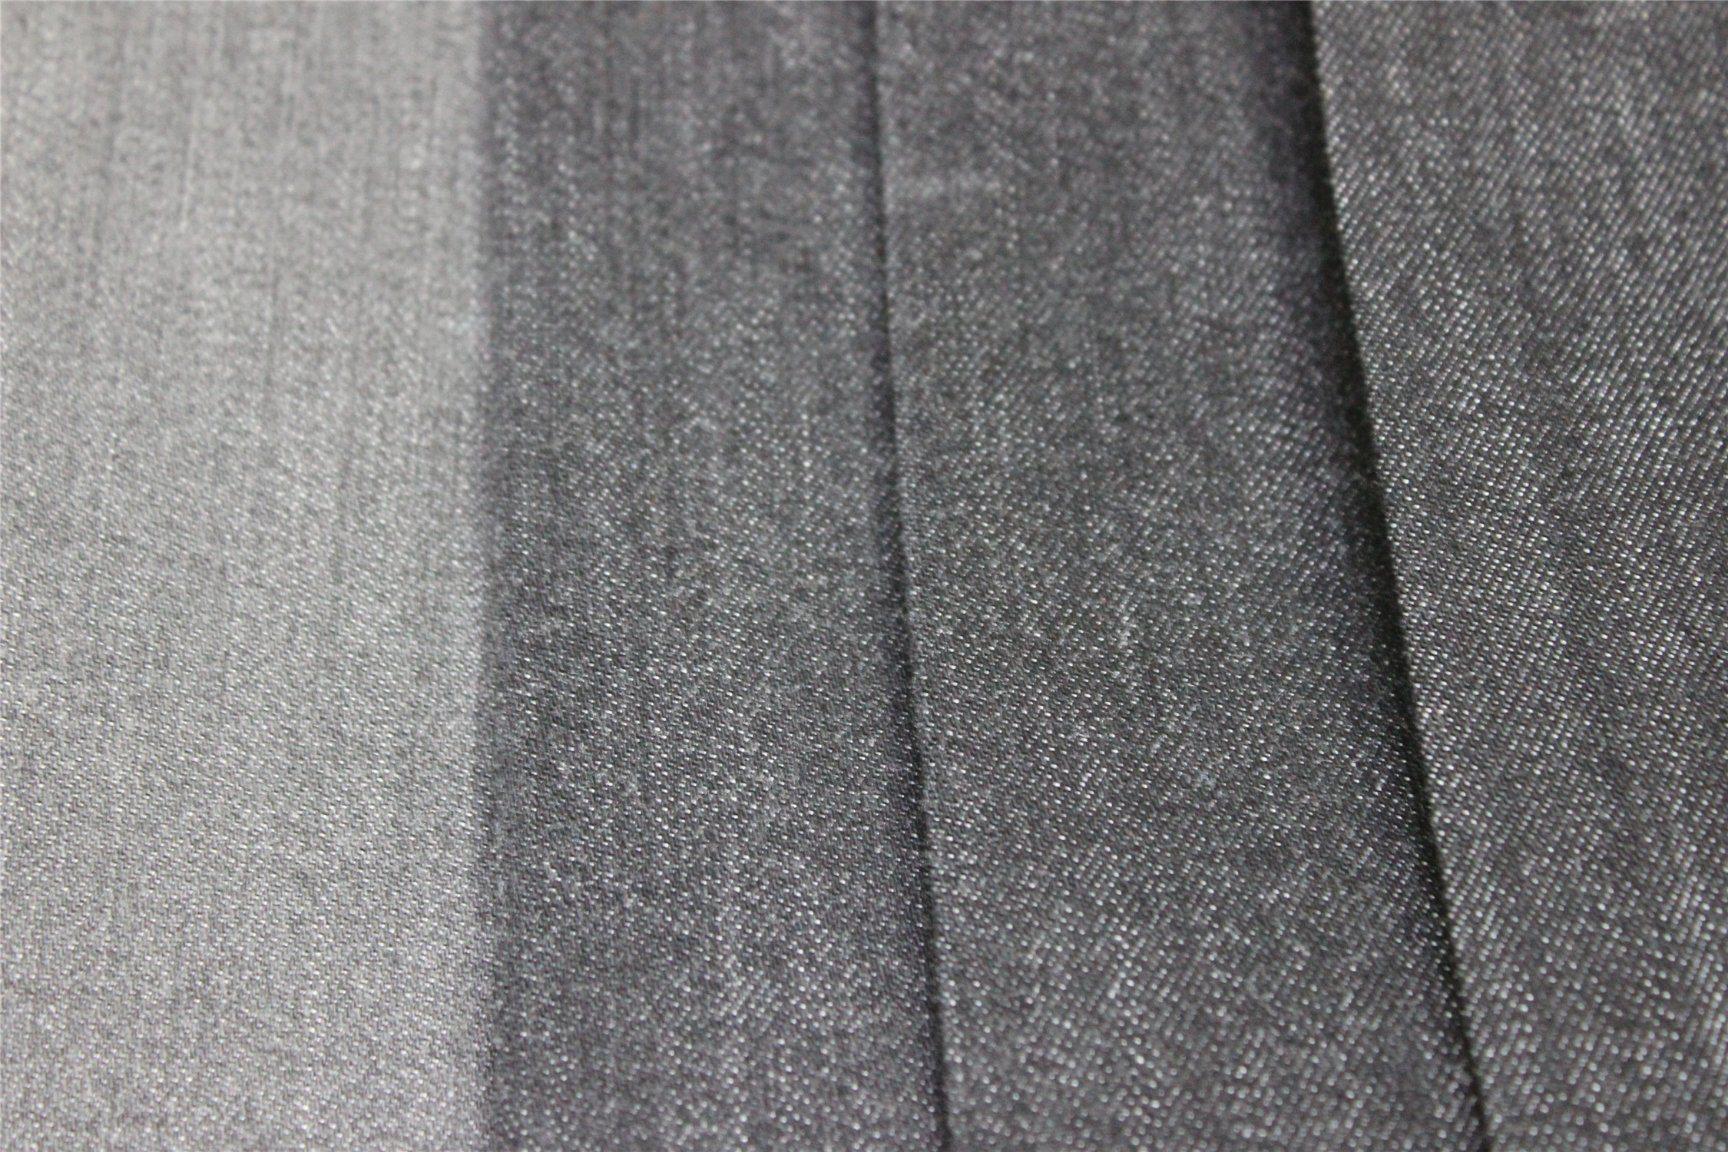 Cotton Polyester Rayon Black Denim